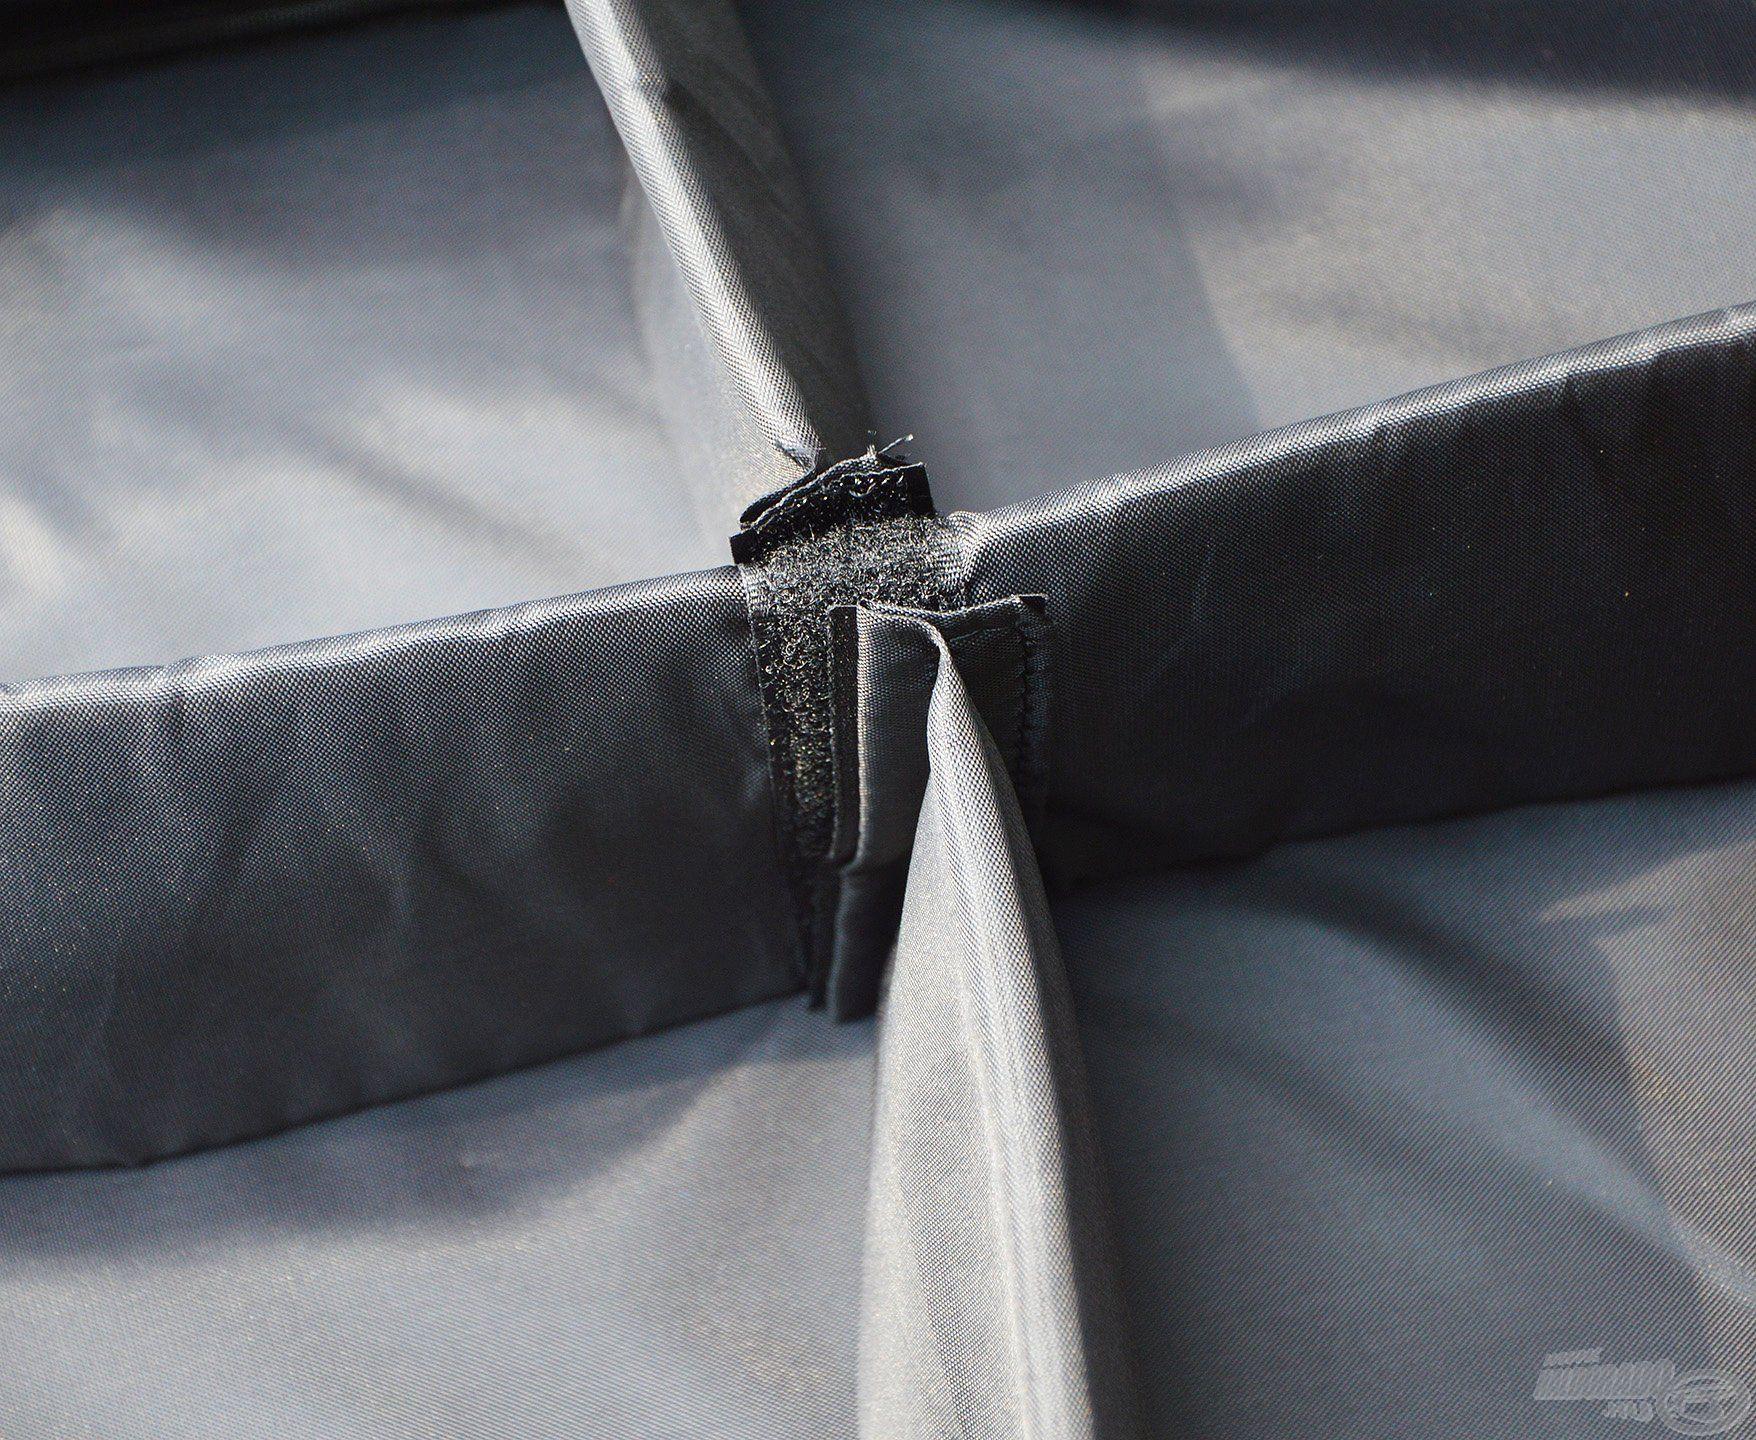 Kivehető, tépőzárral rögzíthető elválasztókkal lehet négyfelé osztani a belső teret